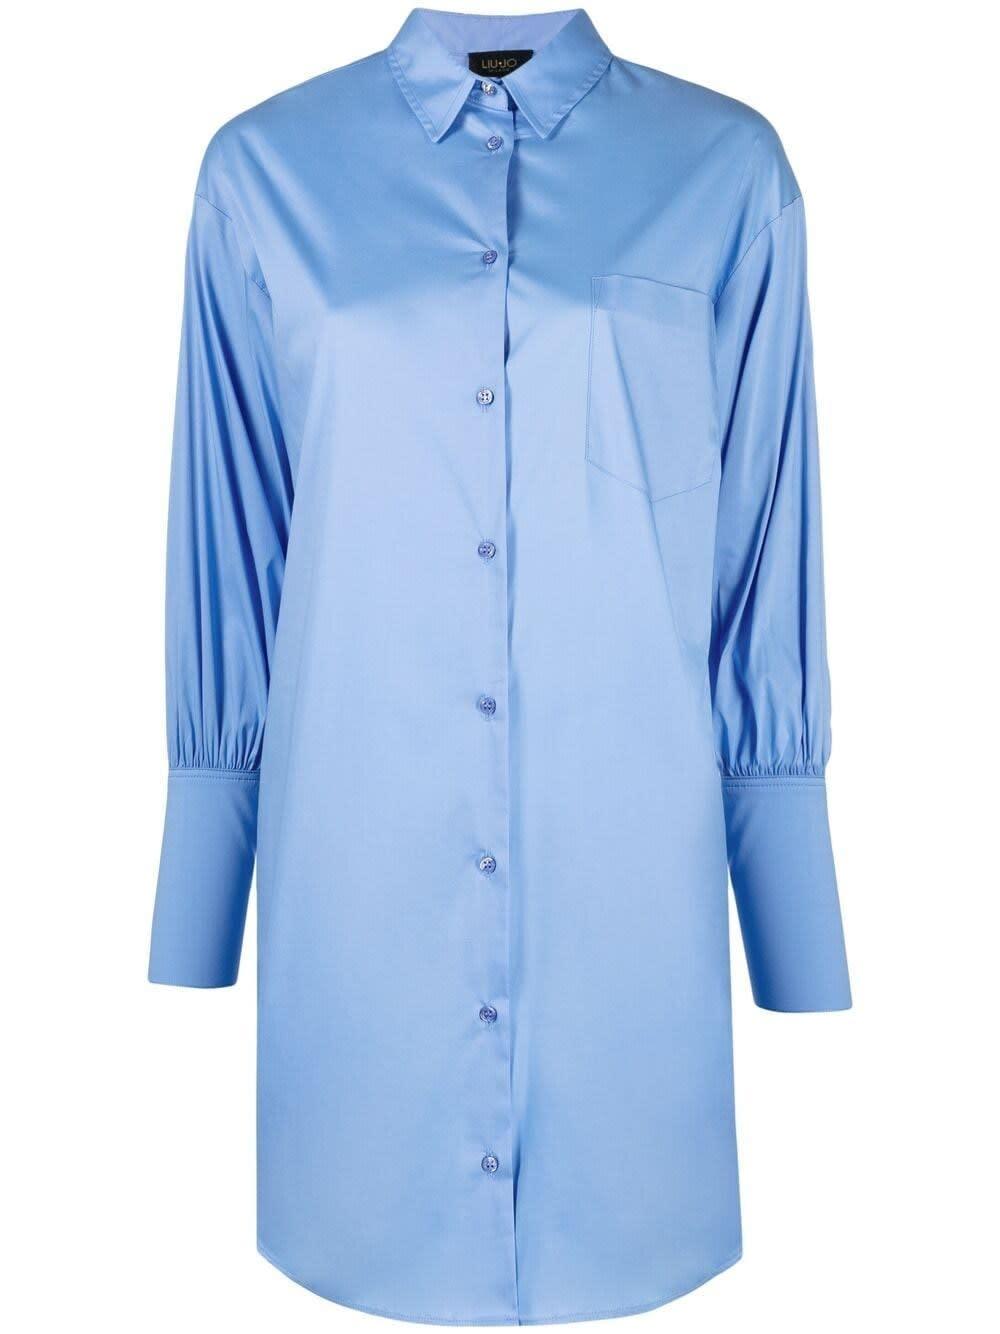 Liu •jo Mini dresses LIGHT BLUE COTTON SHIRT DRESS